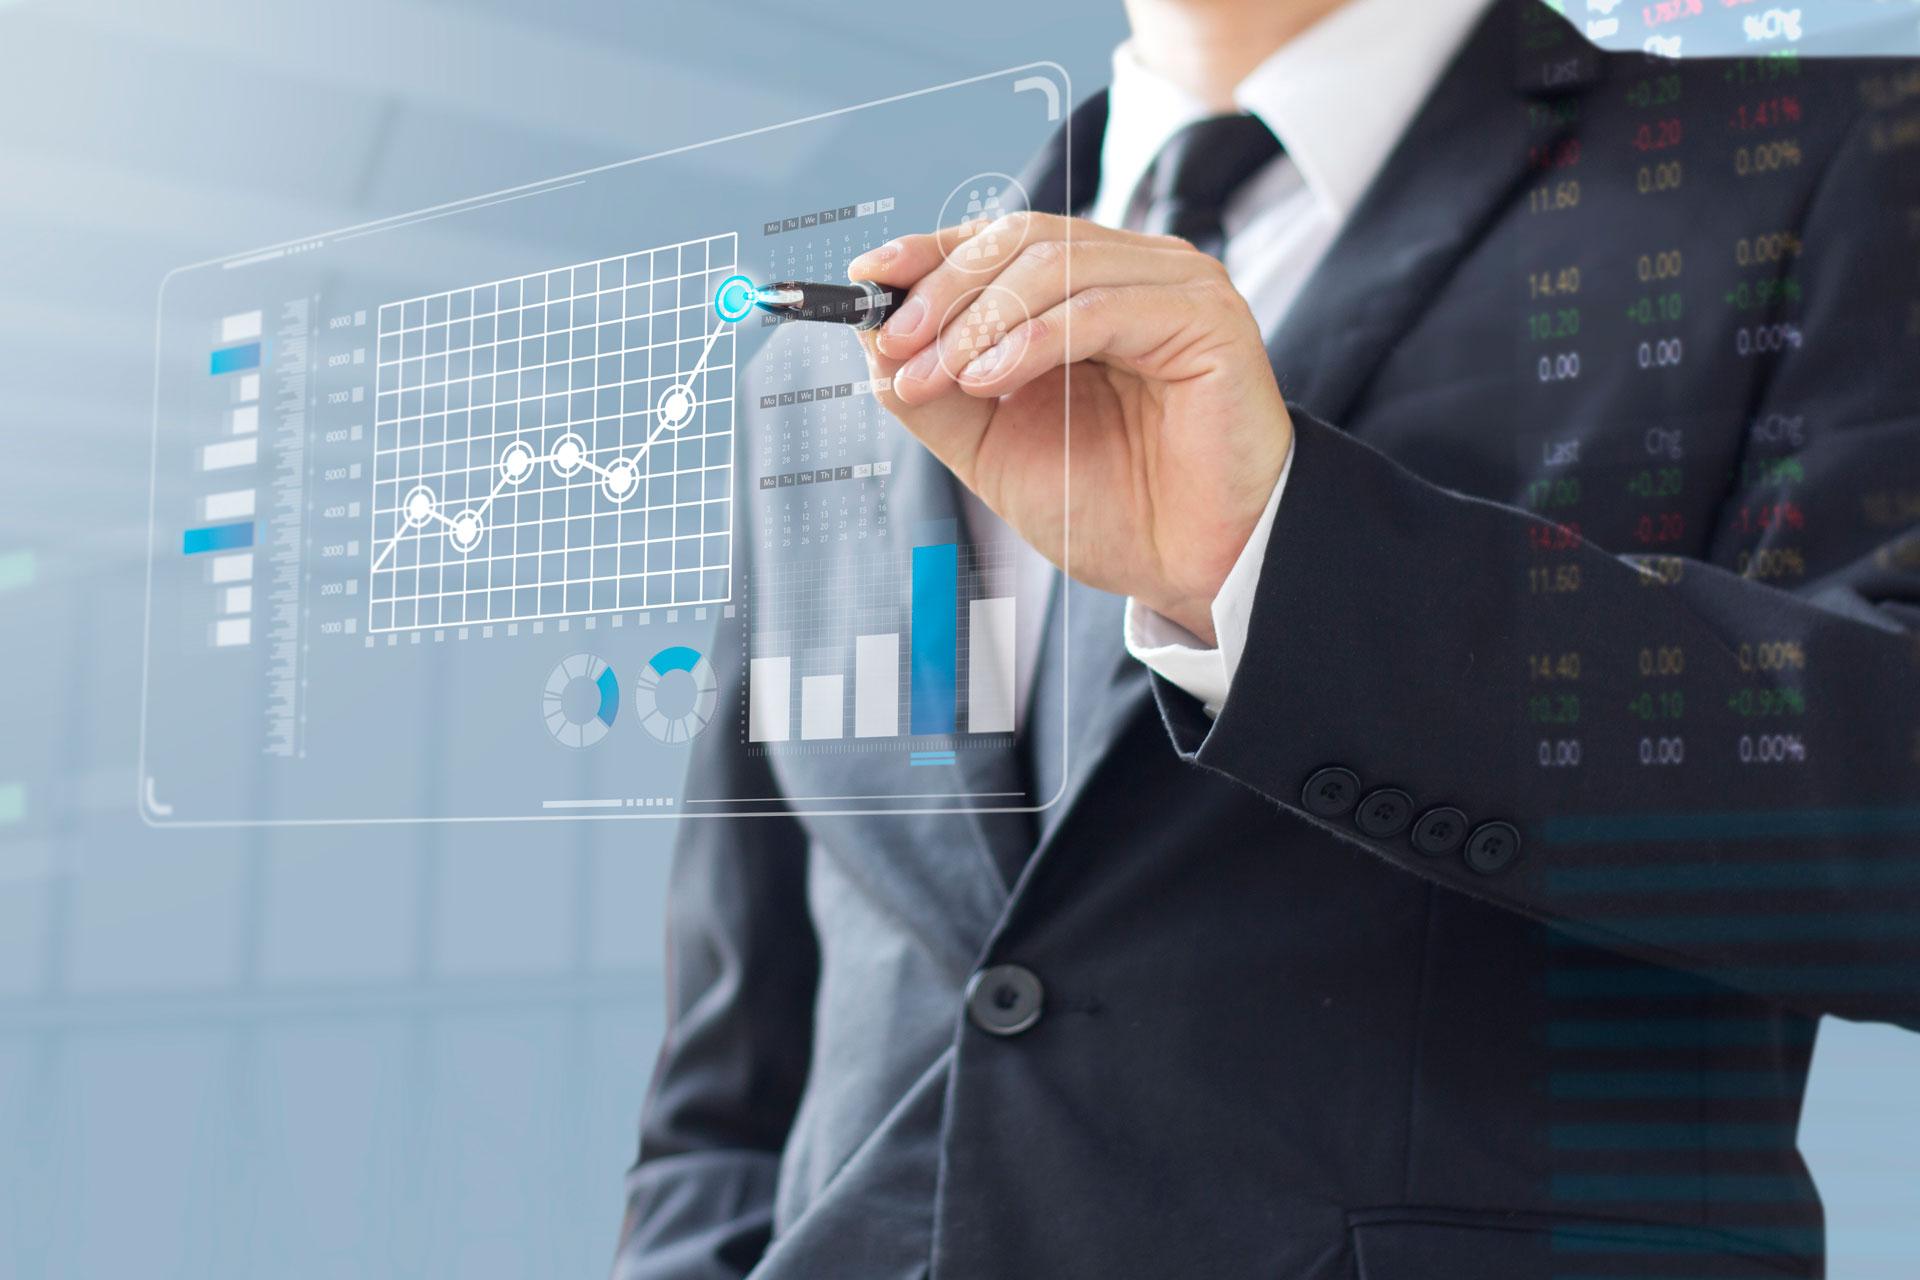 Wdrożenia i rezultaty. Opinie o Strategy&Results - skutecznie zwiększamy rentowność, zaangażowanie i efektywność zespołów.